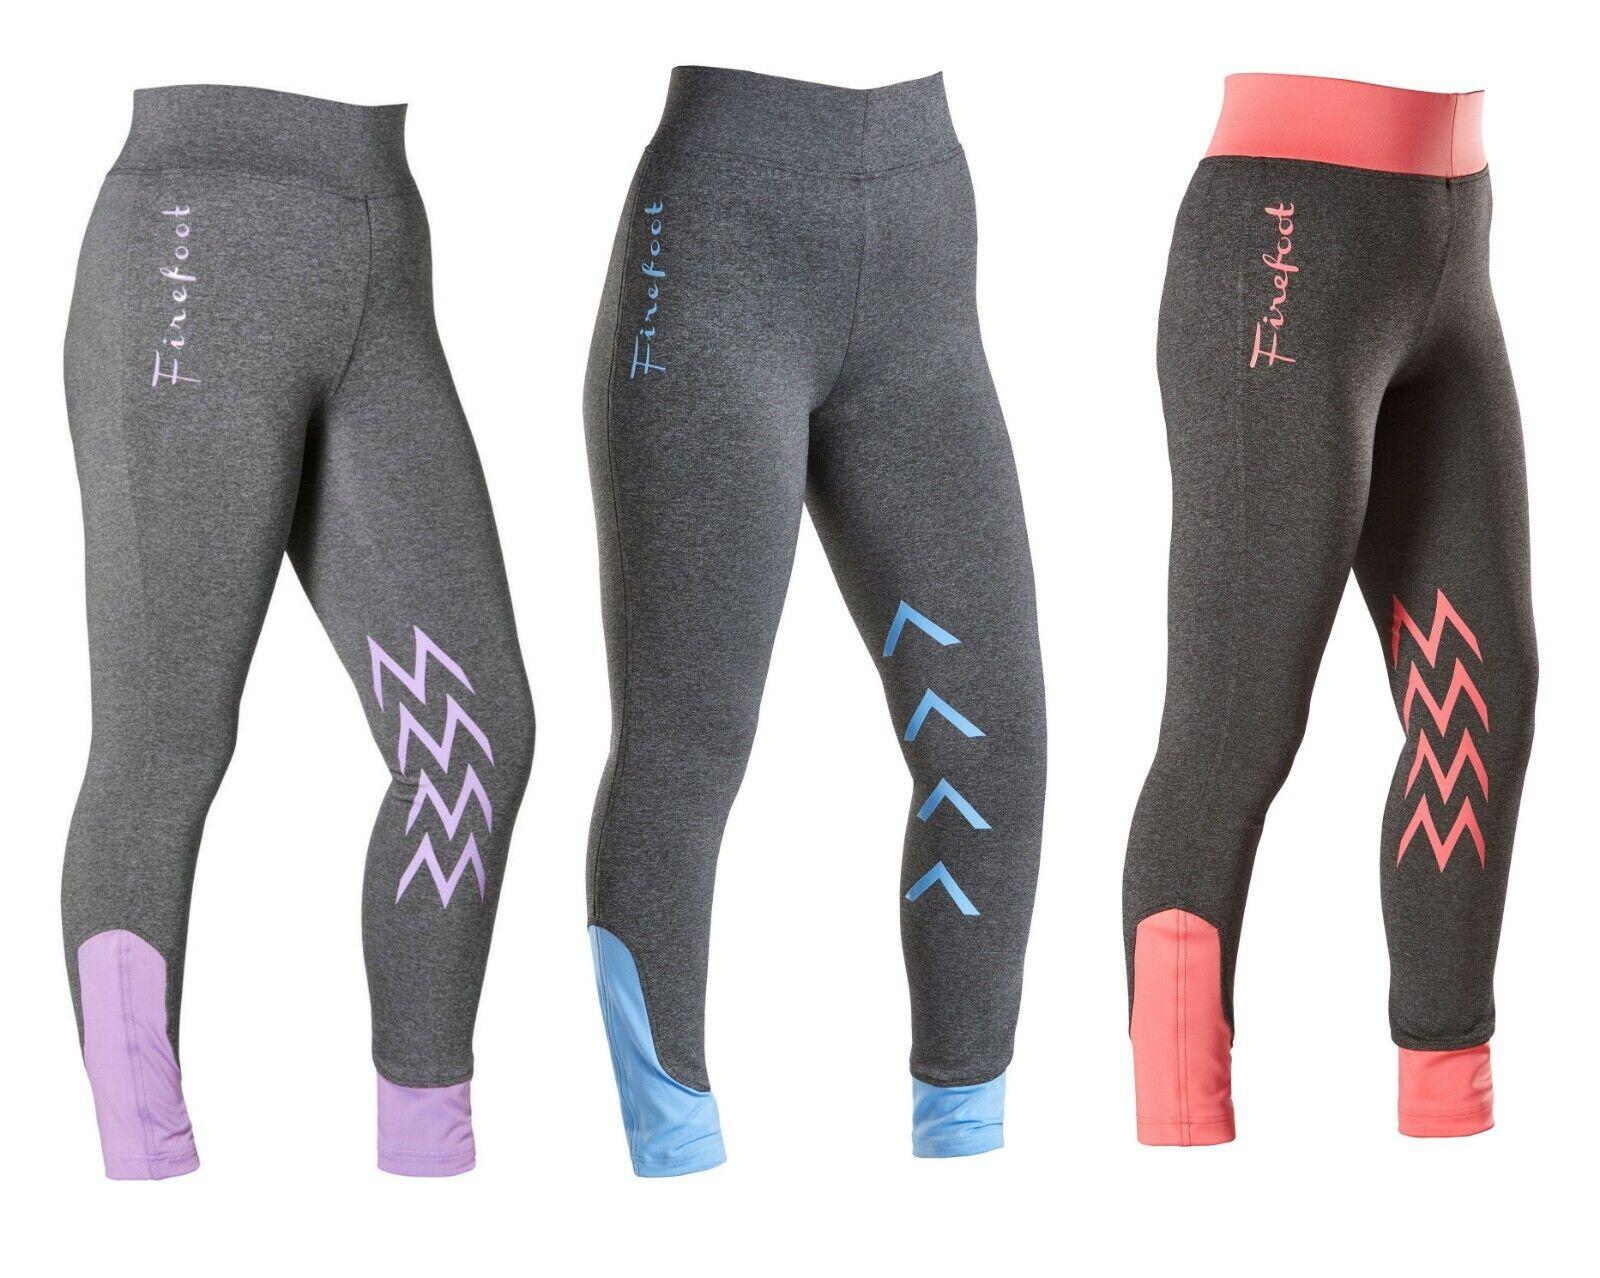 Firefoot Ripponden Damas Elastizadas Equitación Pantalones  De Montar, Alta Cintura  garantizado